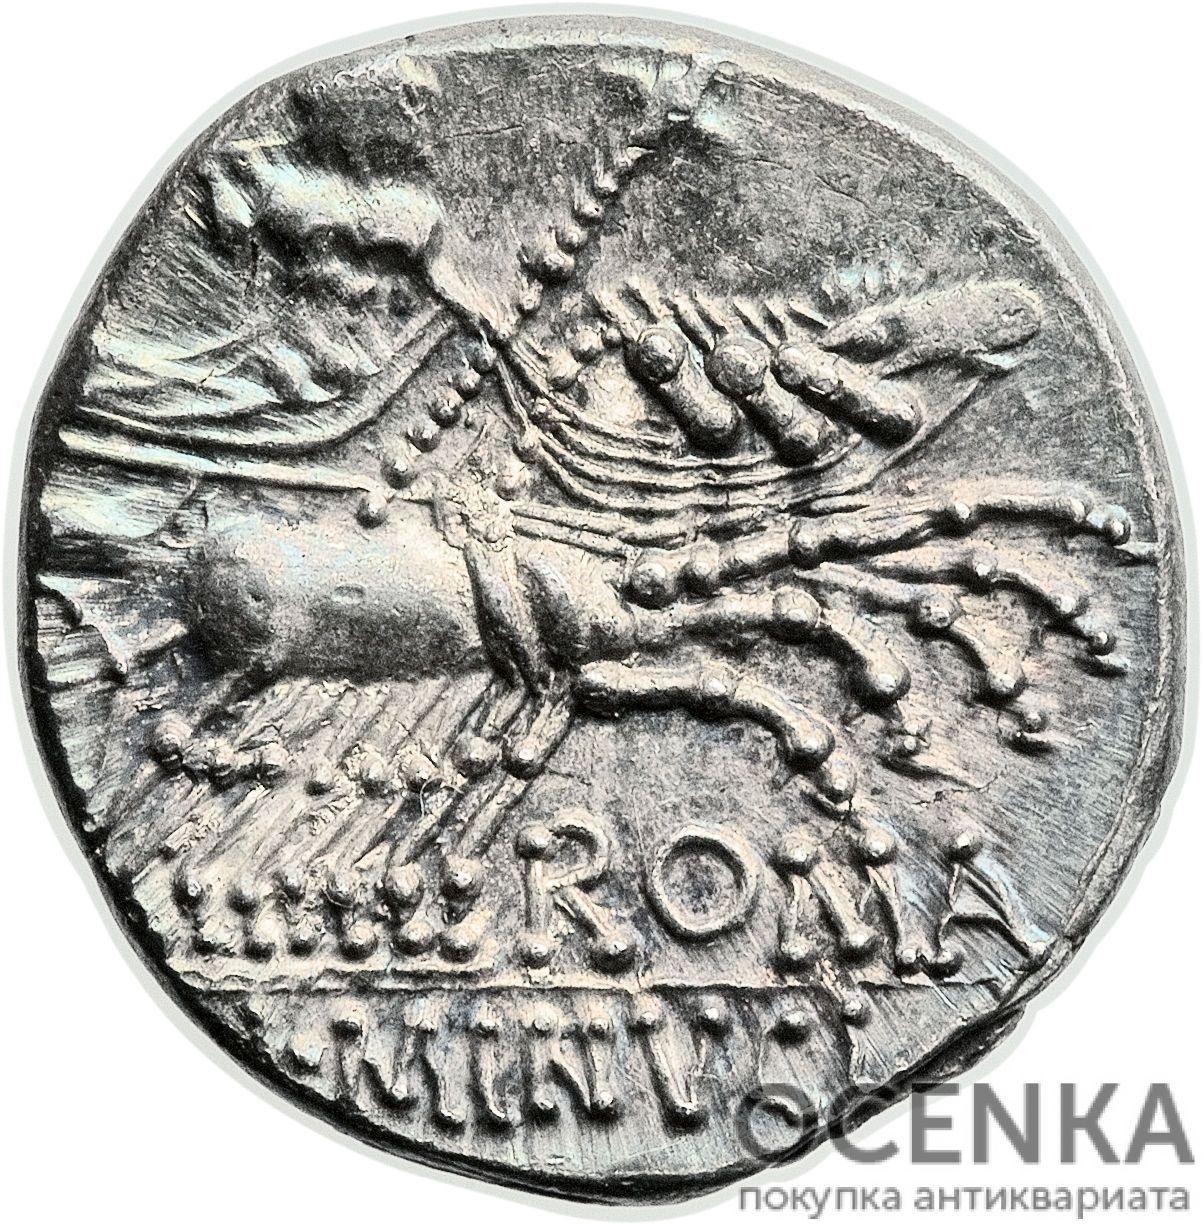 Серебряный Республиканский Денарий Луция Минуция, 133 год до н.э. - 1